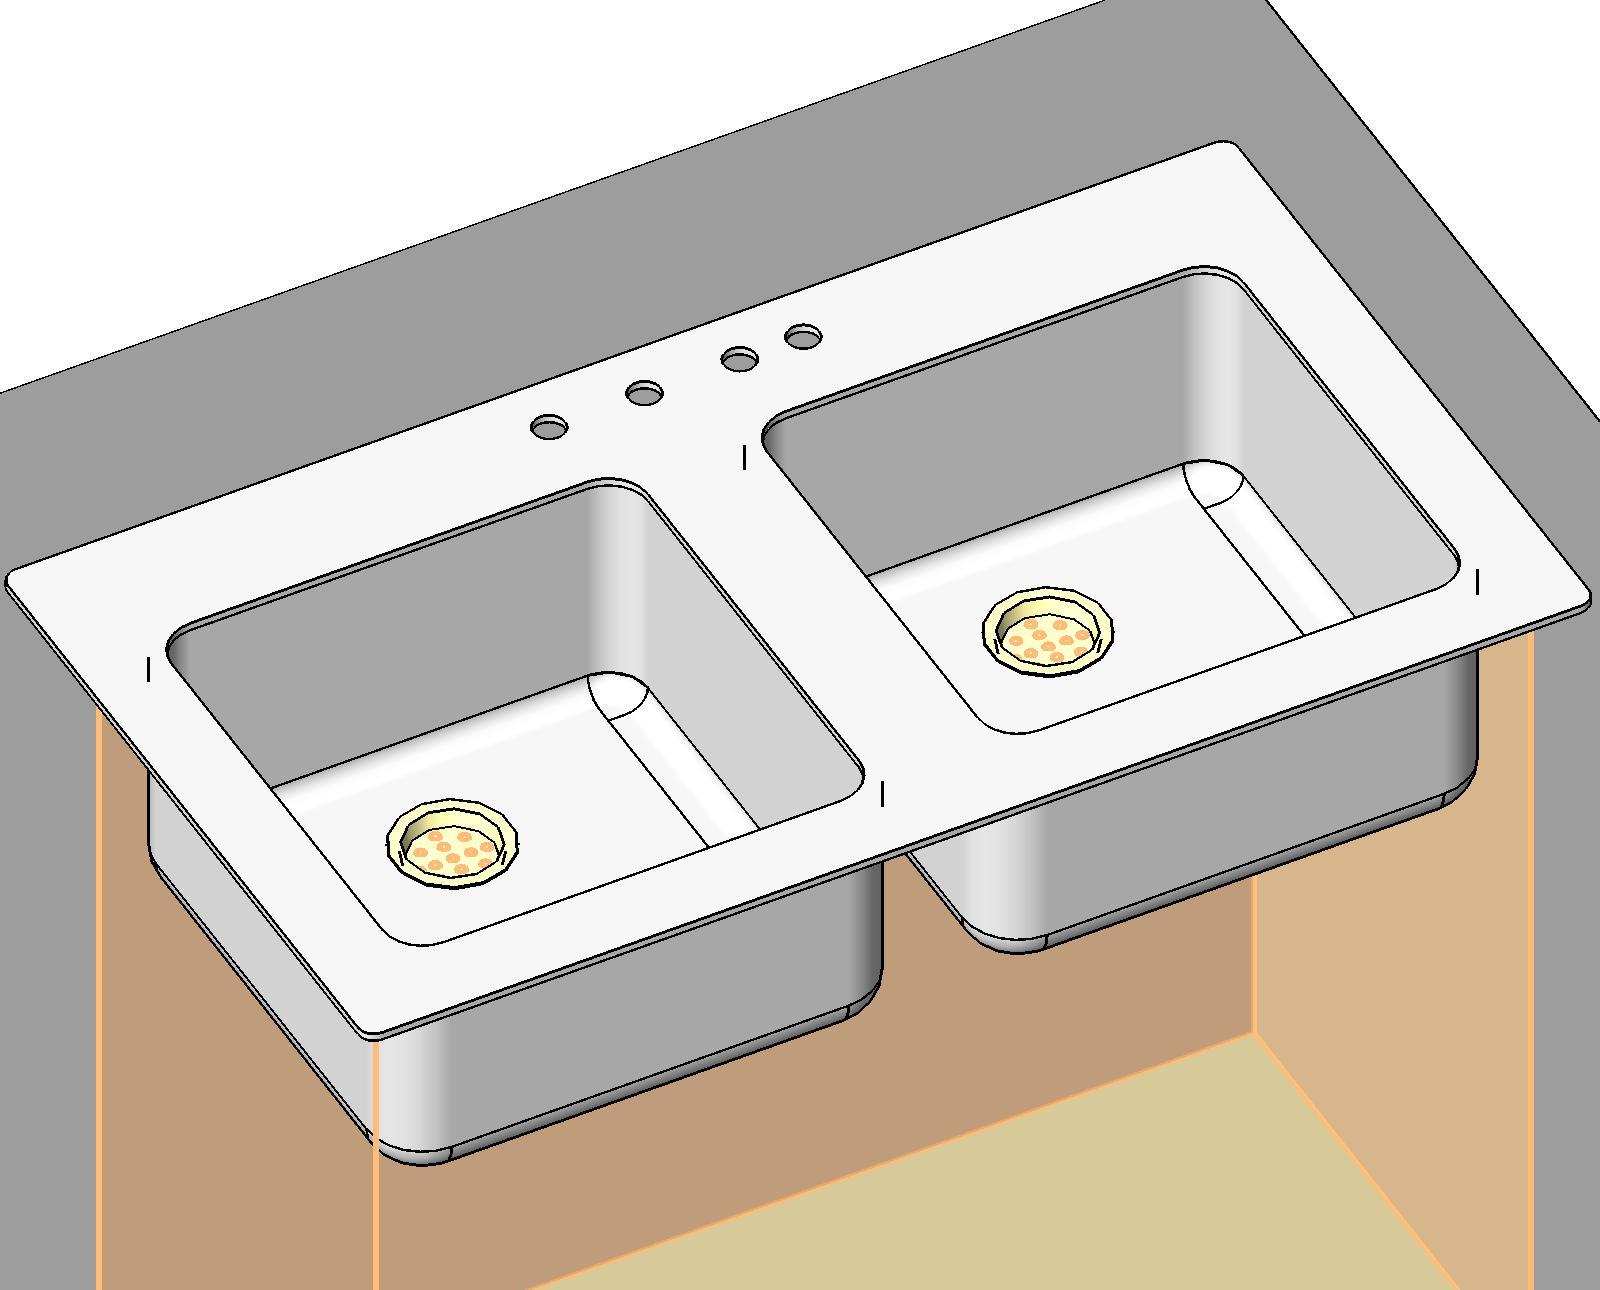 Plumbing Fixtures: Kitchen: Sink - Double Bowl (Generic)